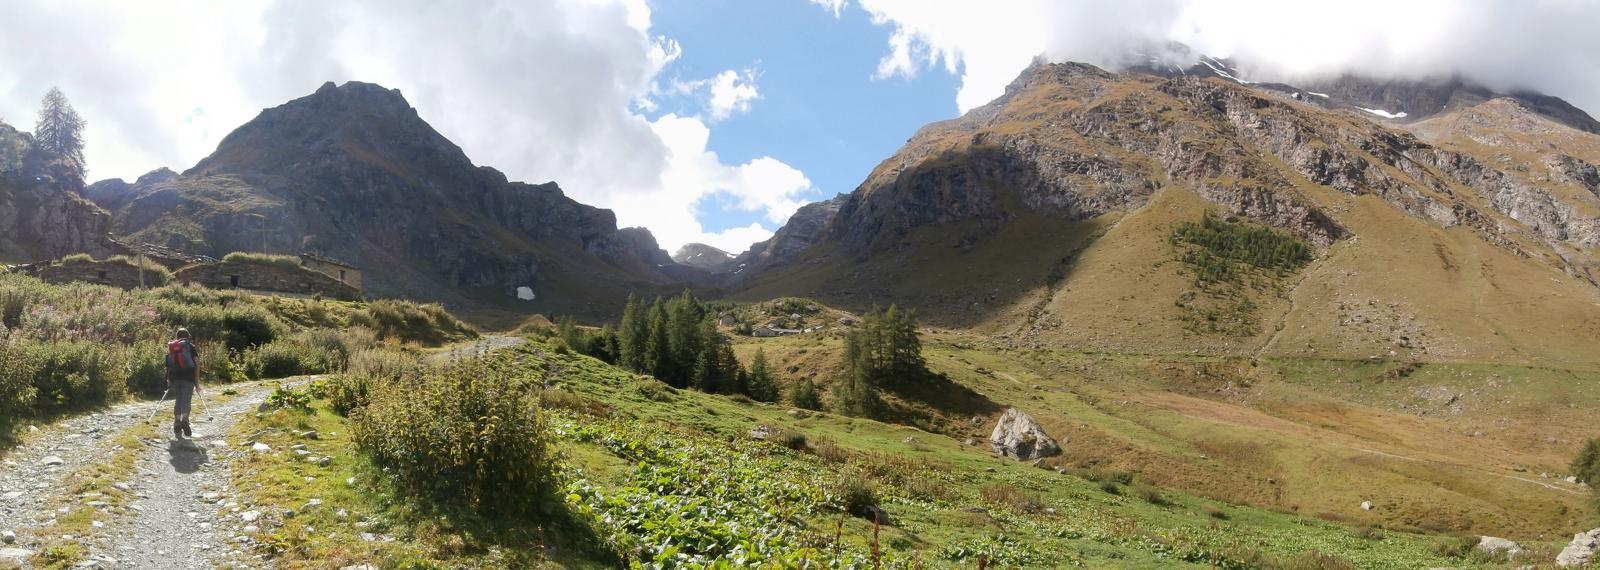 quasi raggiunto il bivacco Borroz,al centro  la Grand Alpe...